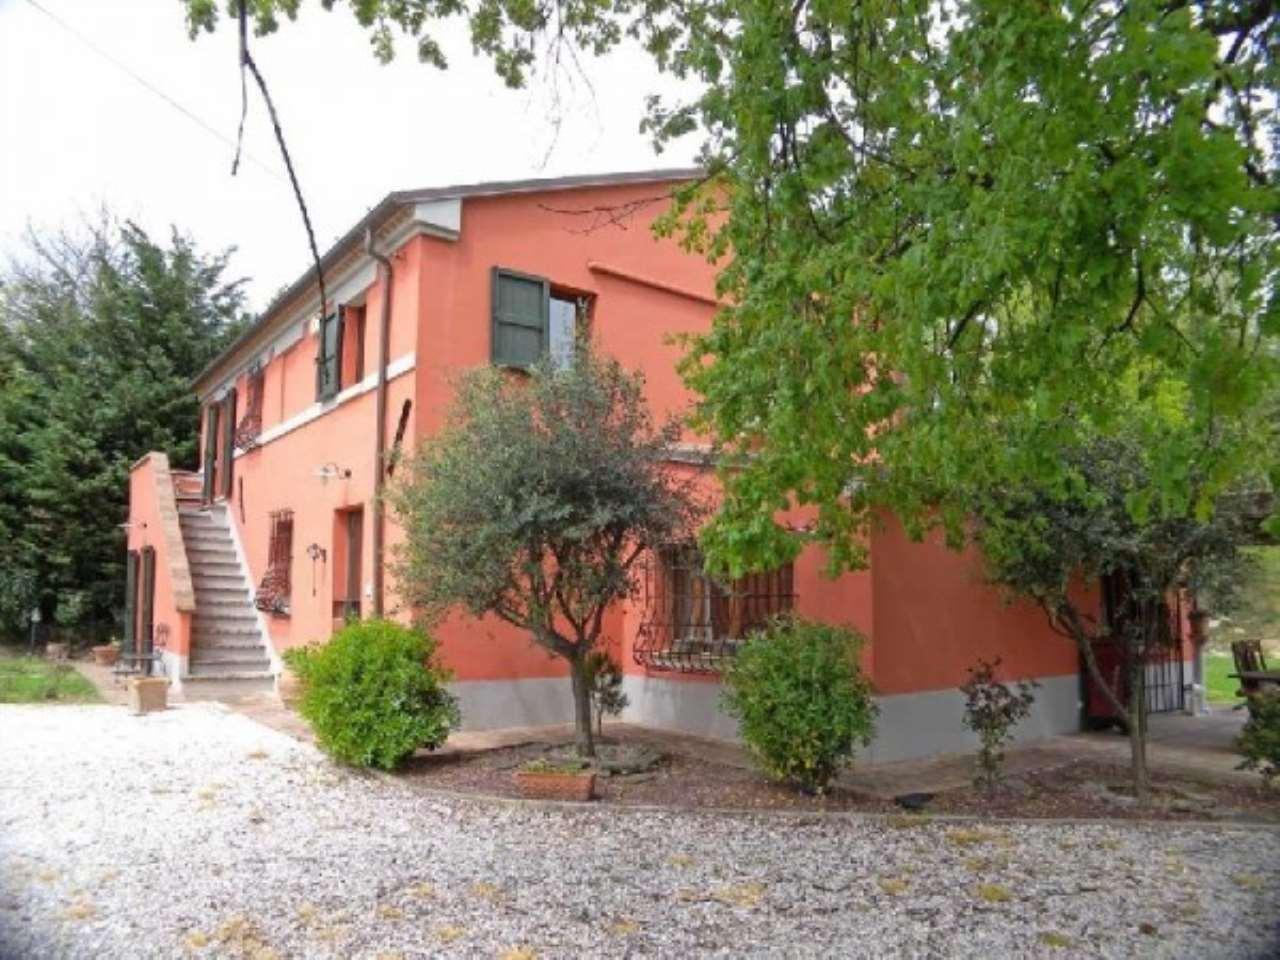 Rustico / Casale in vendita a Senigallia, 6 locali, prezzo € 440.000 | CambioCasa.it